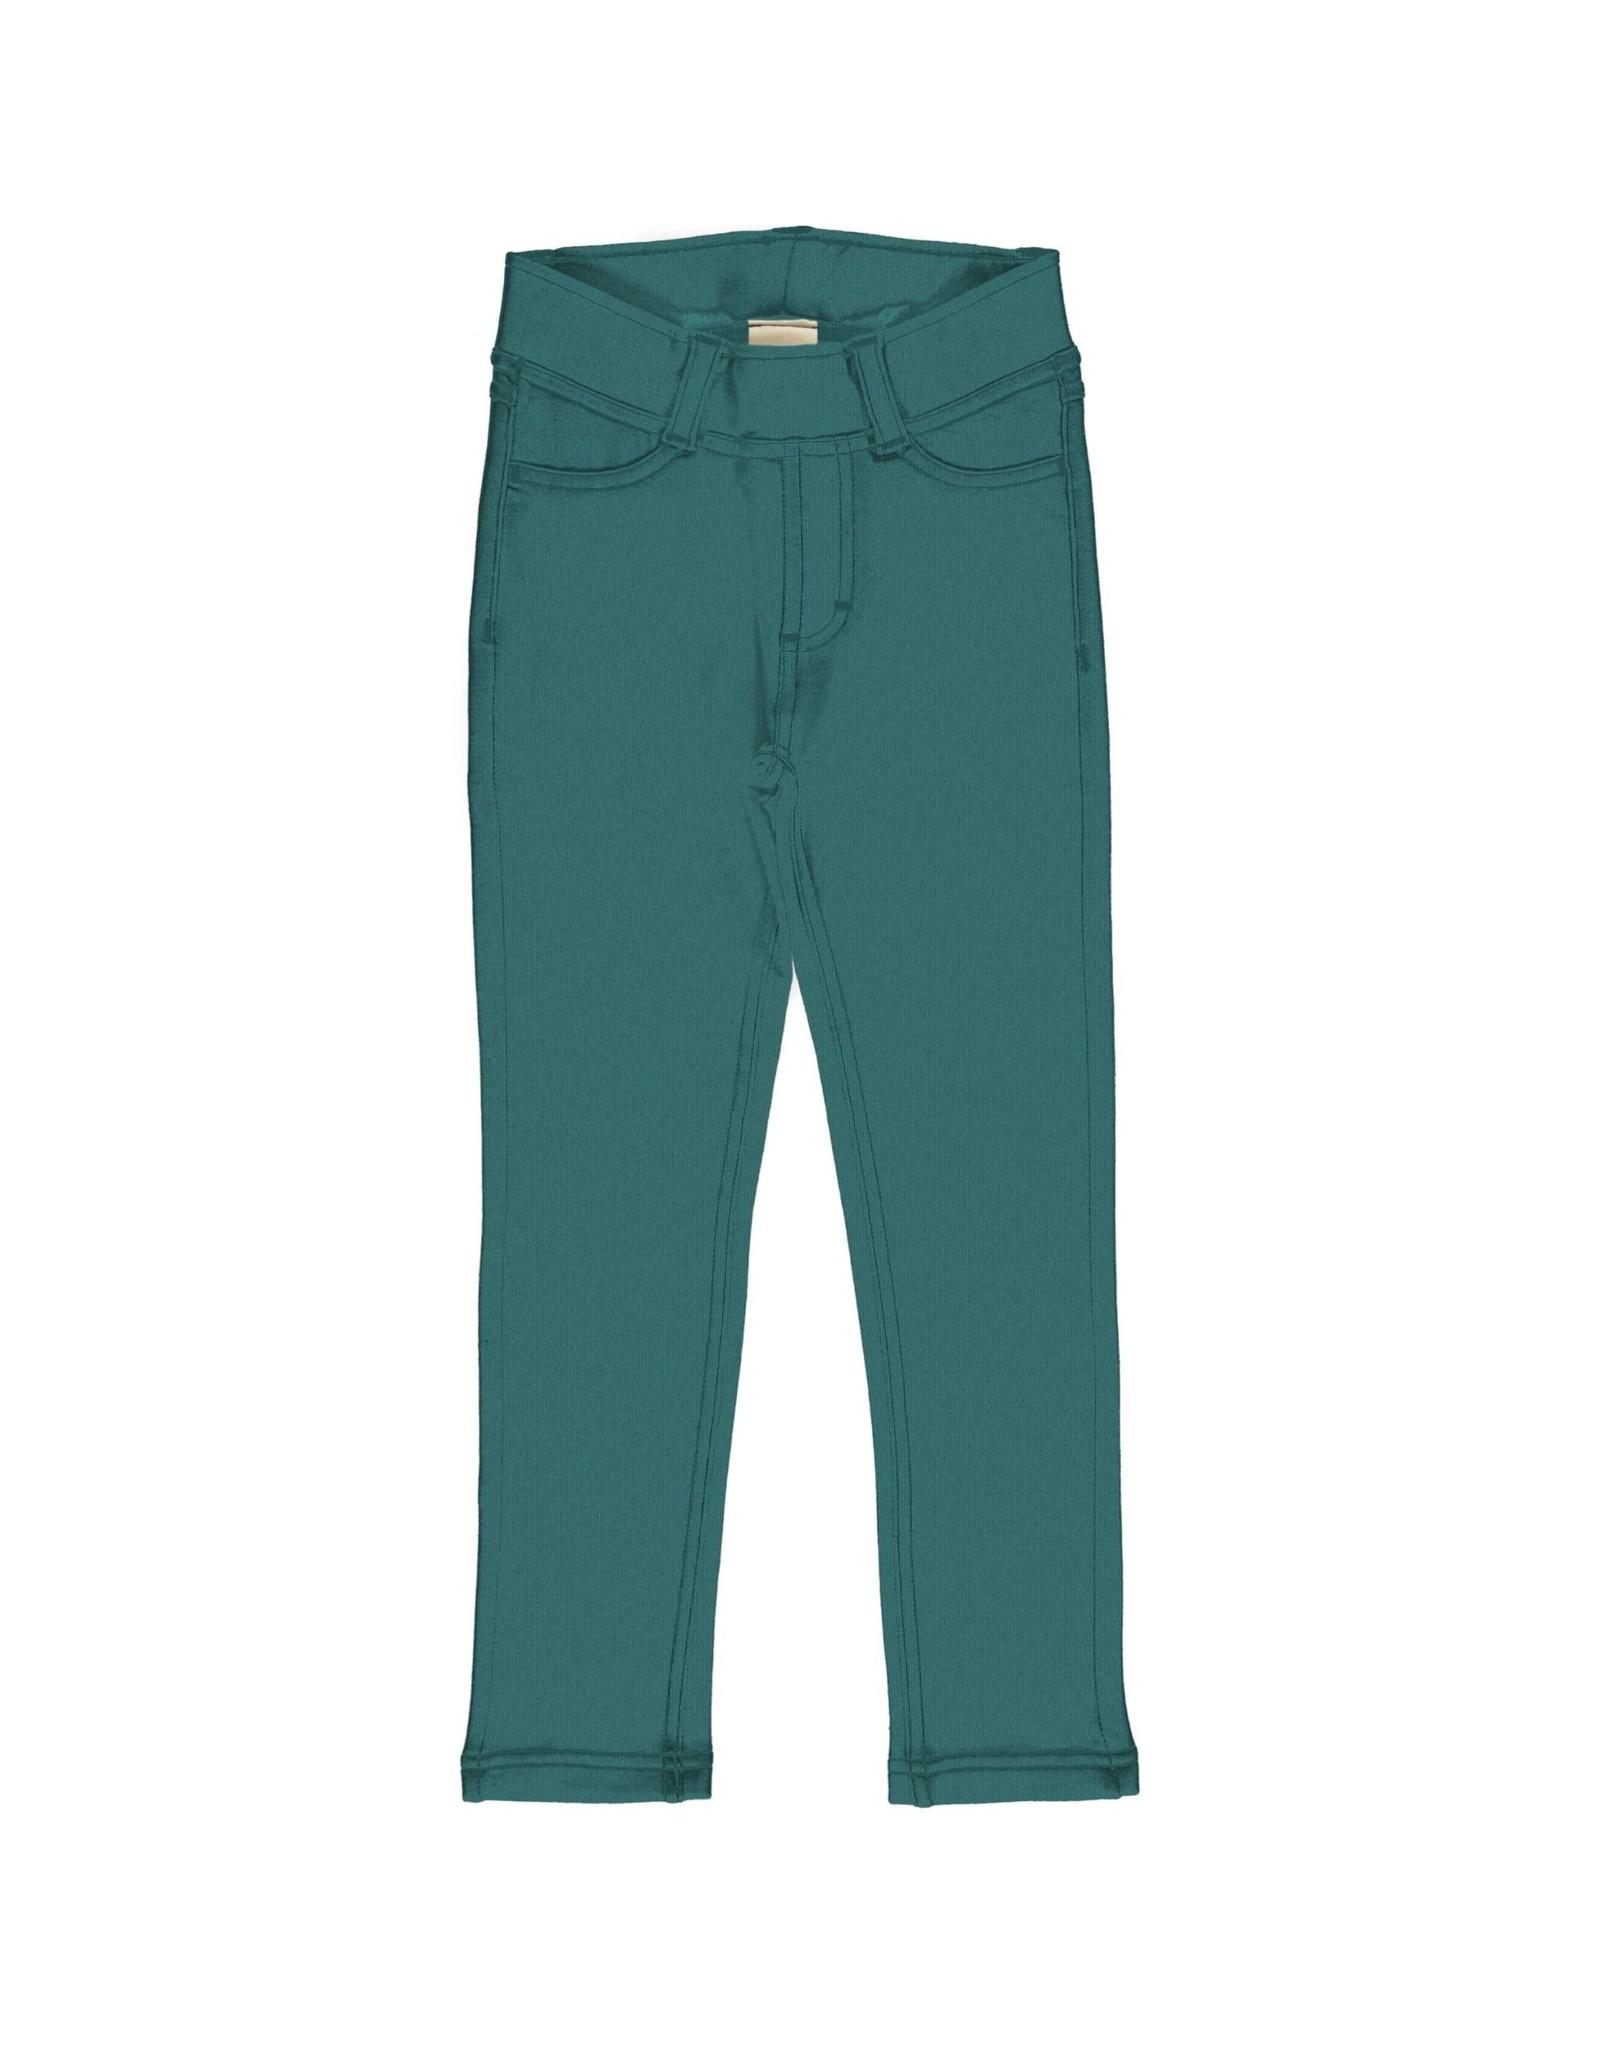 Maxomorra Heel zachte  tregging broek in groenblauw